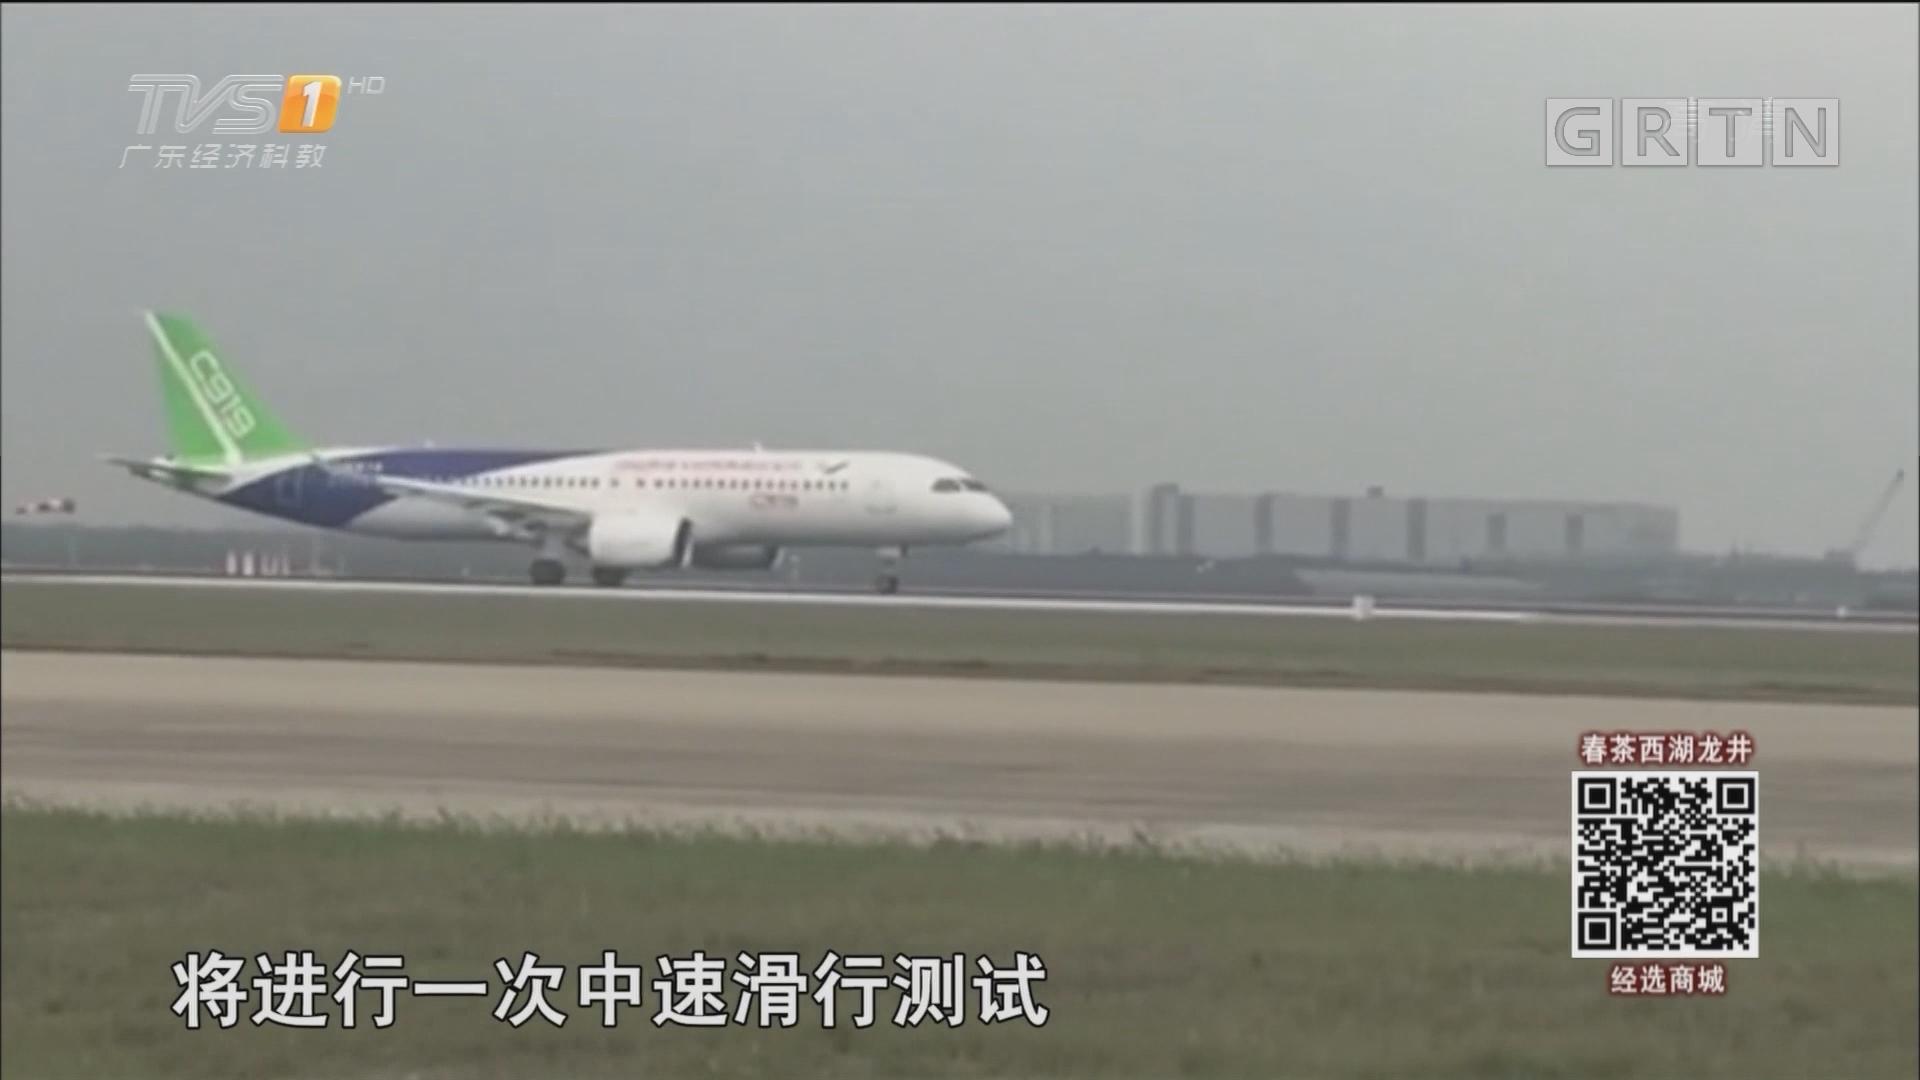 20170505《南方财经报道》国产大飞机今日首飞 万亿产业商机浮现